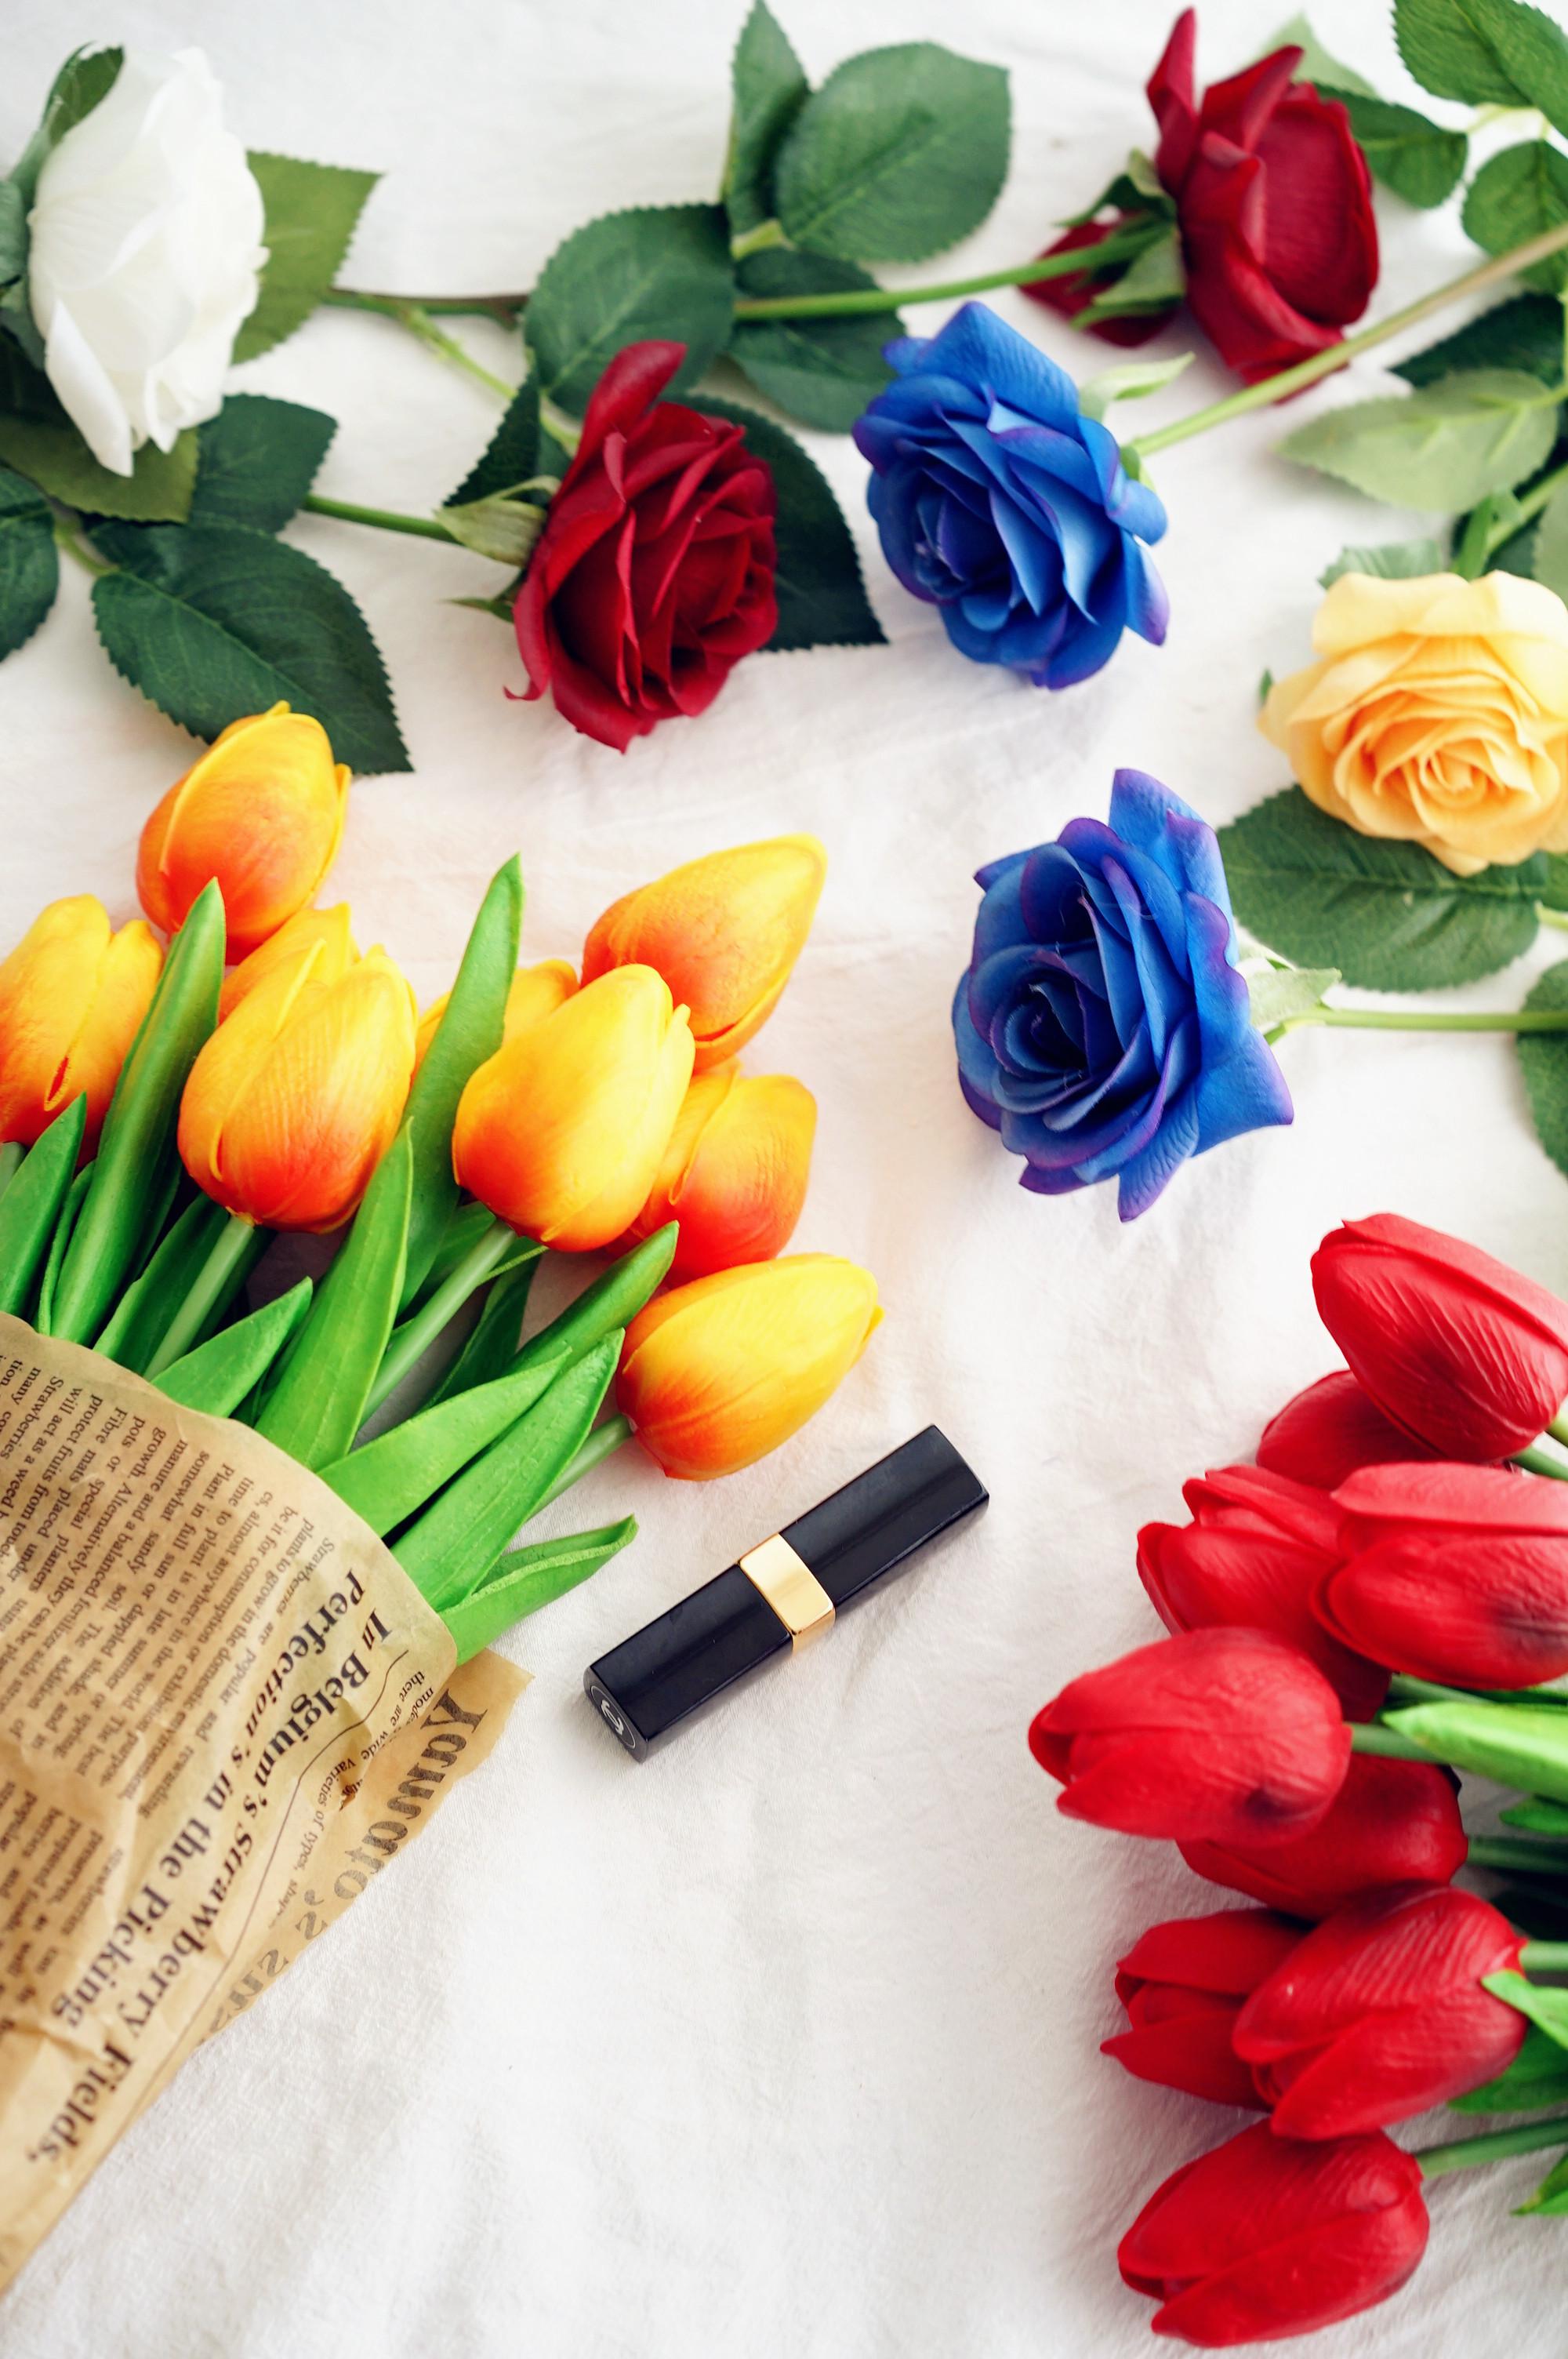 仿真花朵玫瑰郁金香家居客厅结婚装饰单只欧式假花摆设文艺绢花